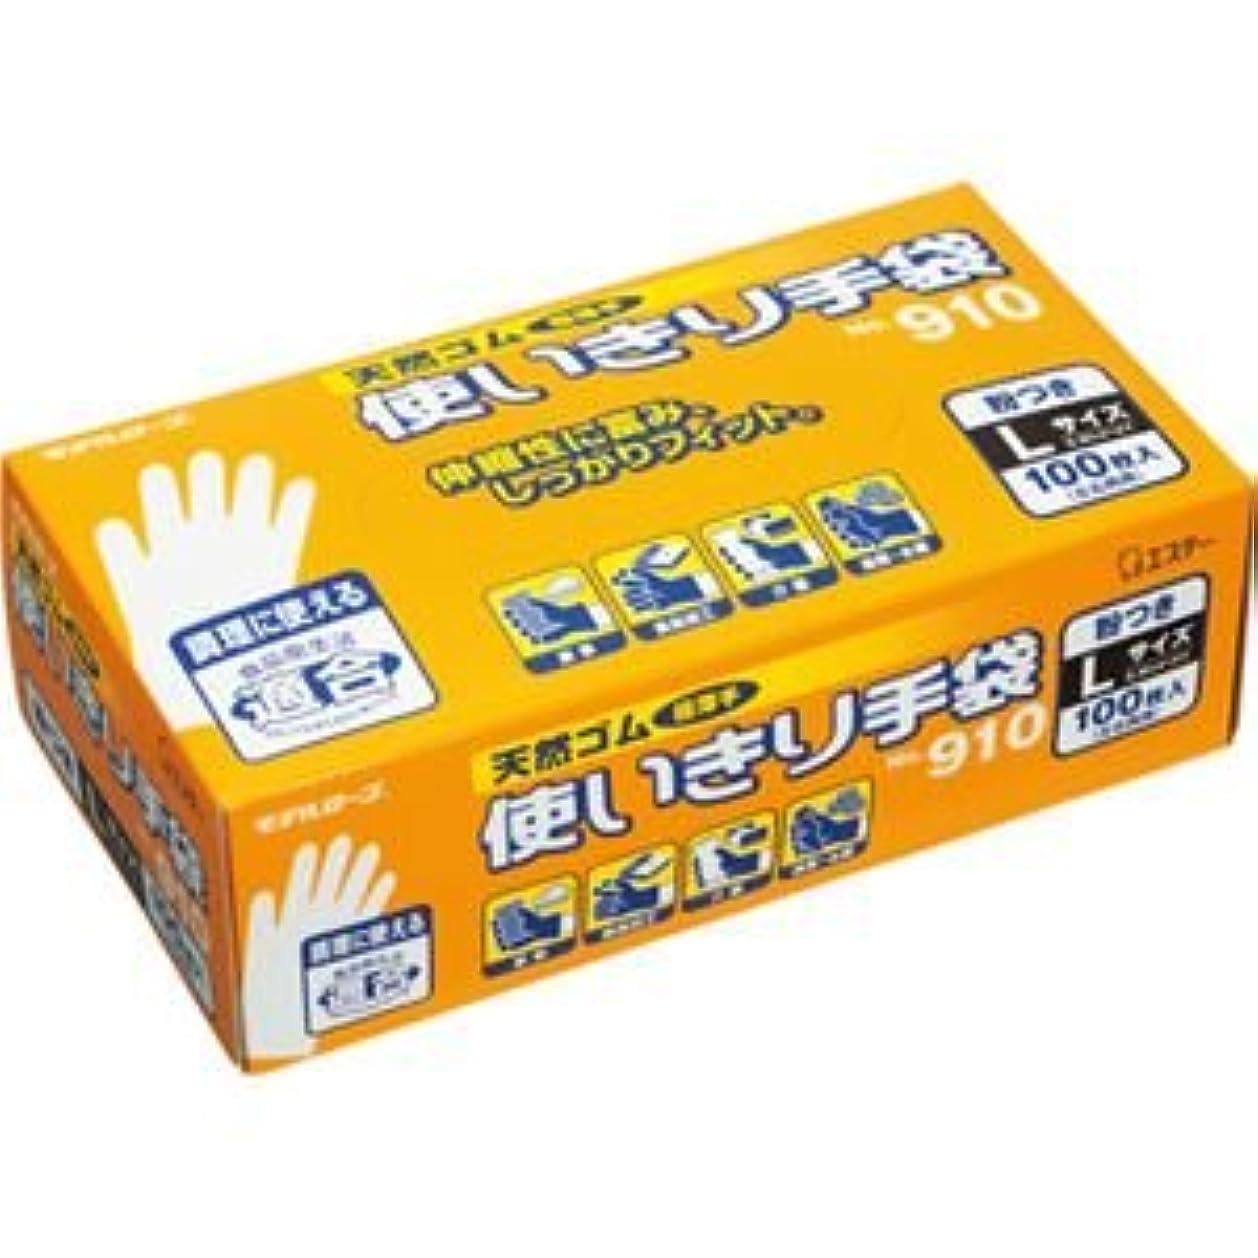 誇張する疫病火山学者(まとめ) エステー No.910 天然ゴム使いきり手袋(粉付) L 1箱(100枚) 【×5セット